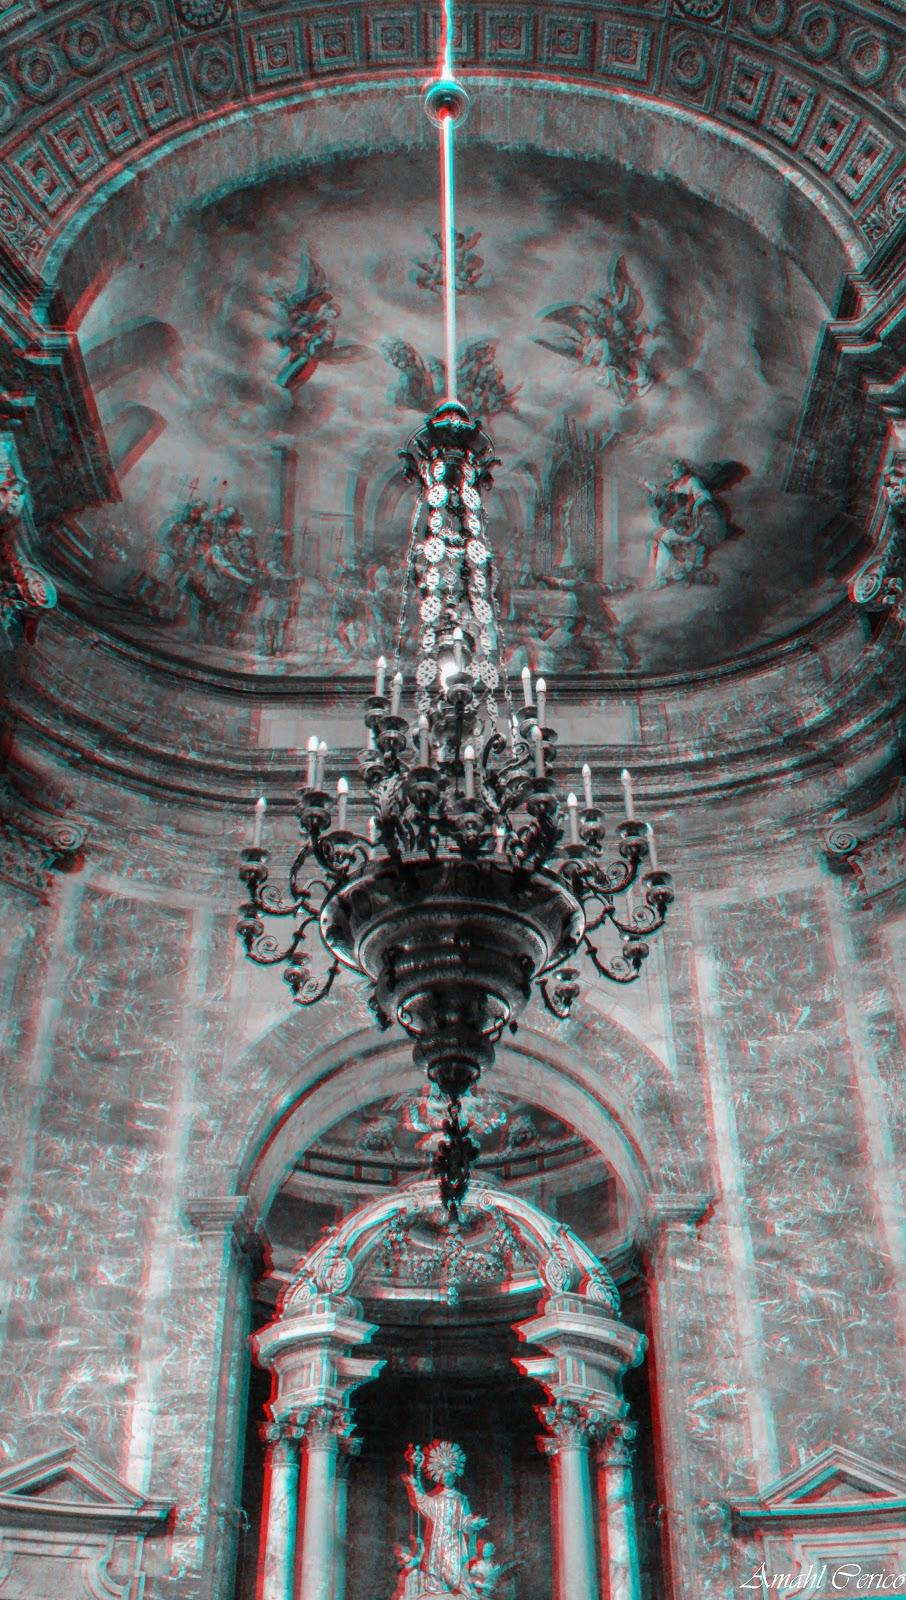 Chandelier in Basilica de Sant Feliu